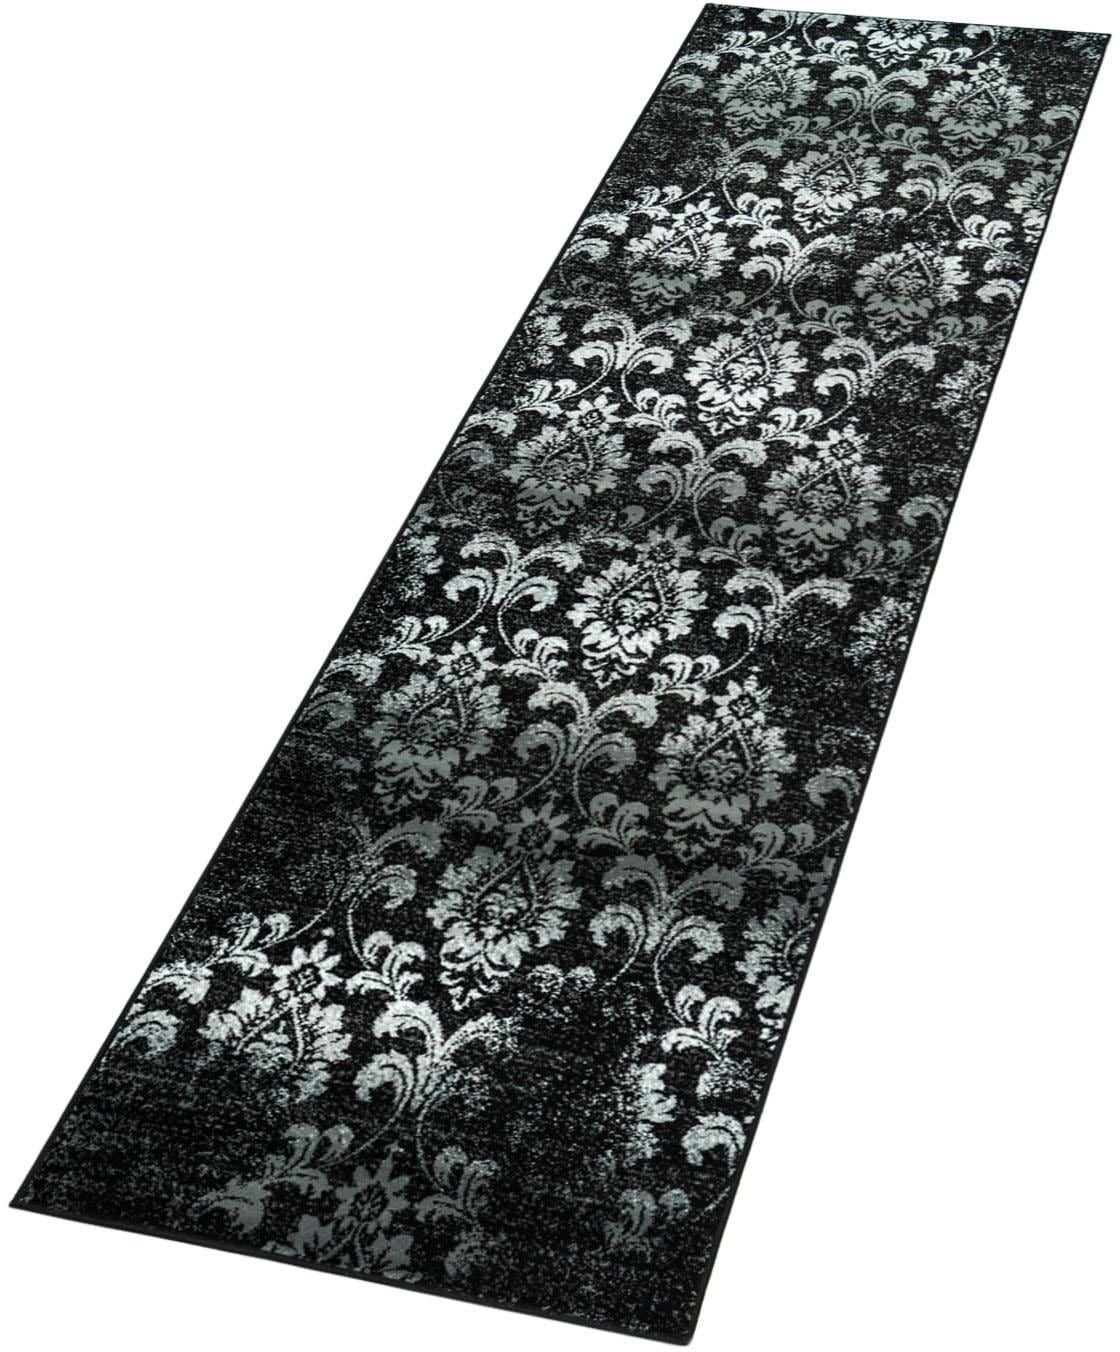 Läufer Inspiration 5792 Carpet City rechteckig Höhe 11 mm maschinell gewebt